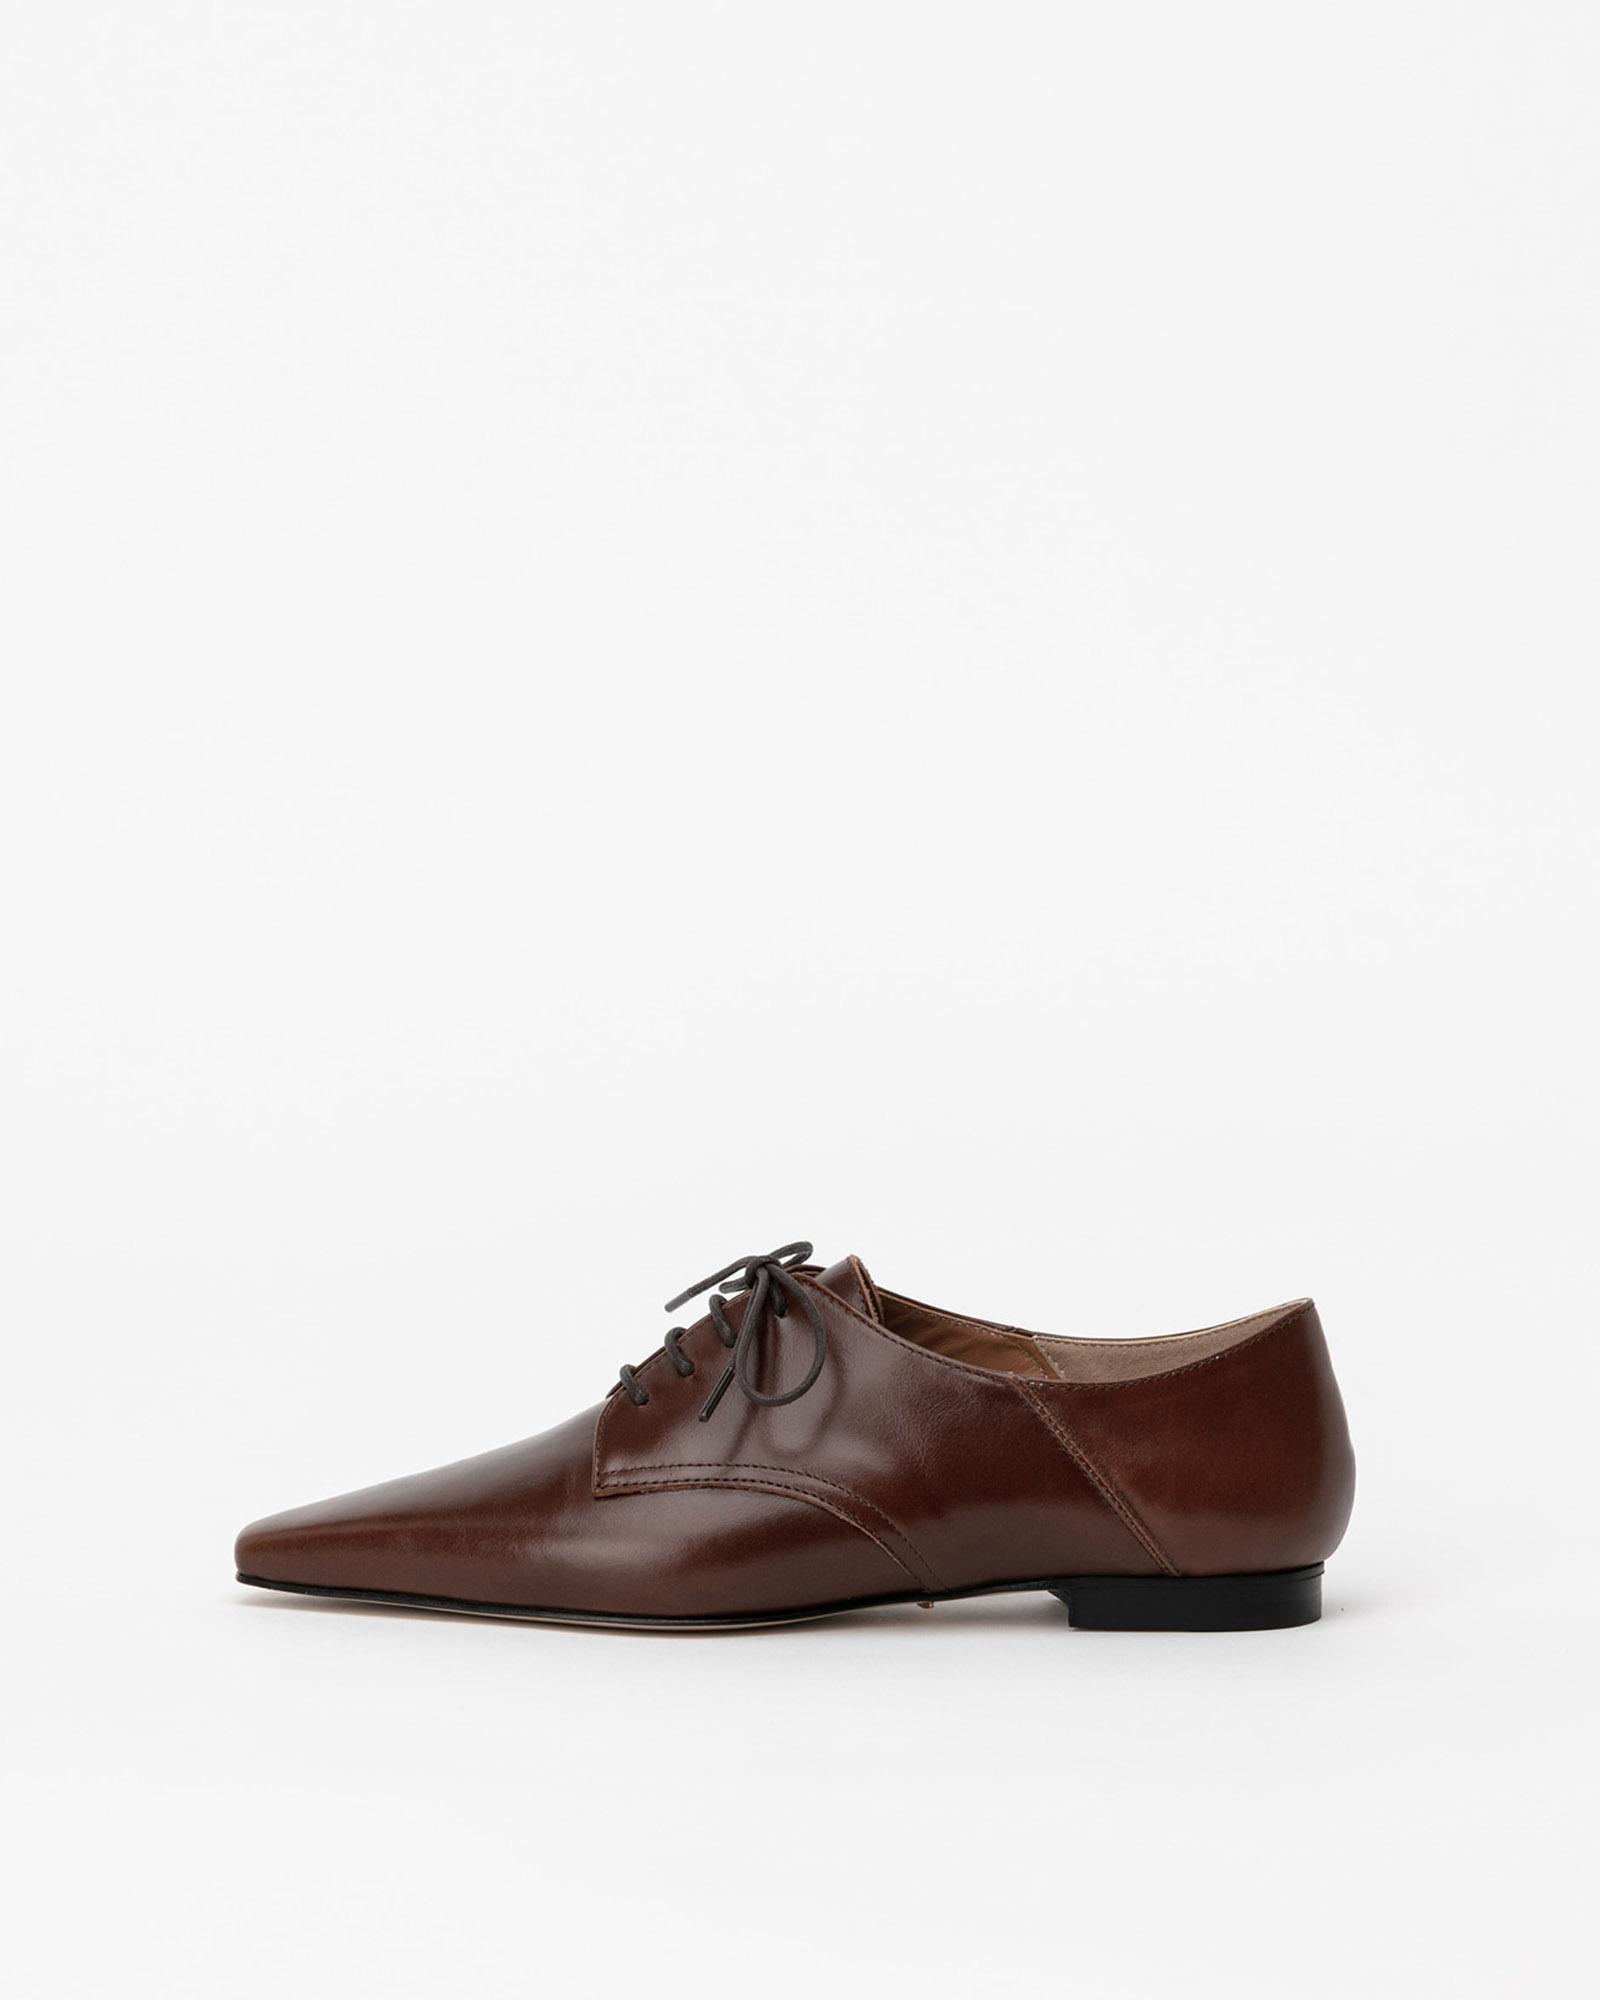 Galiano Derby Babouche in Textured Brown